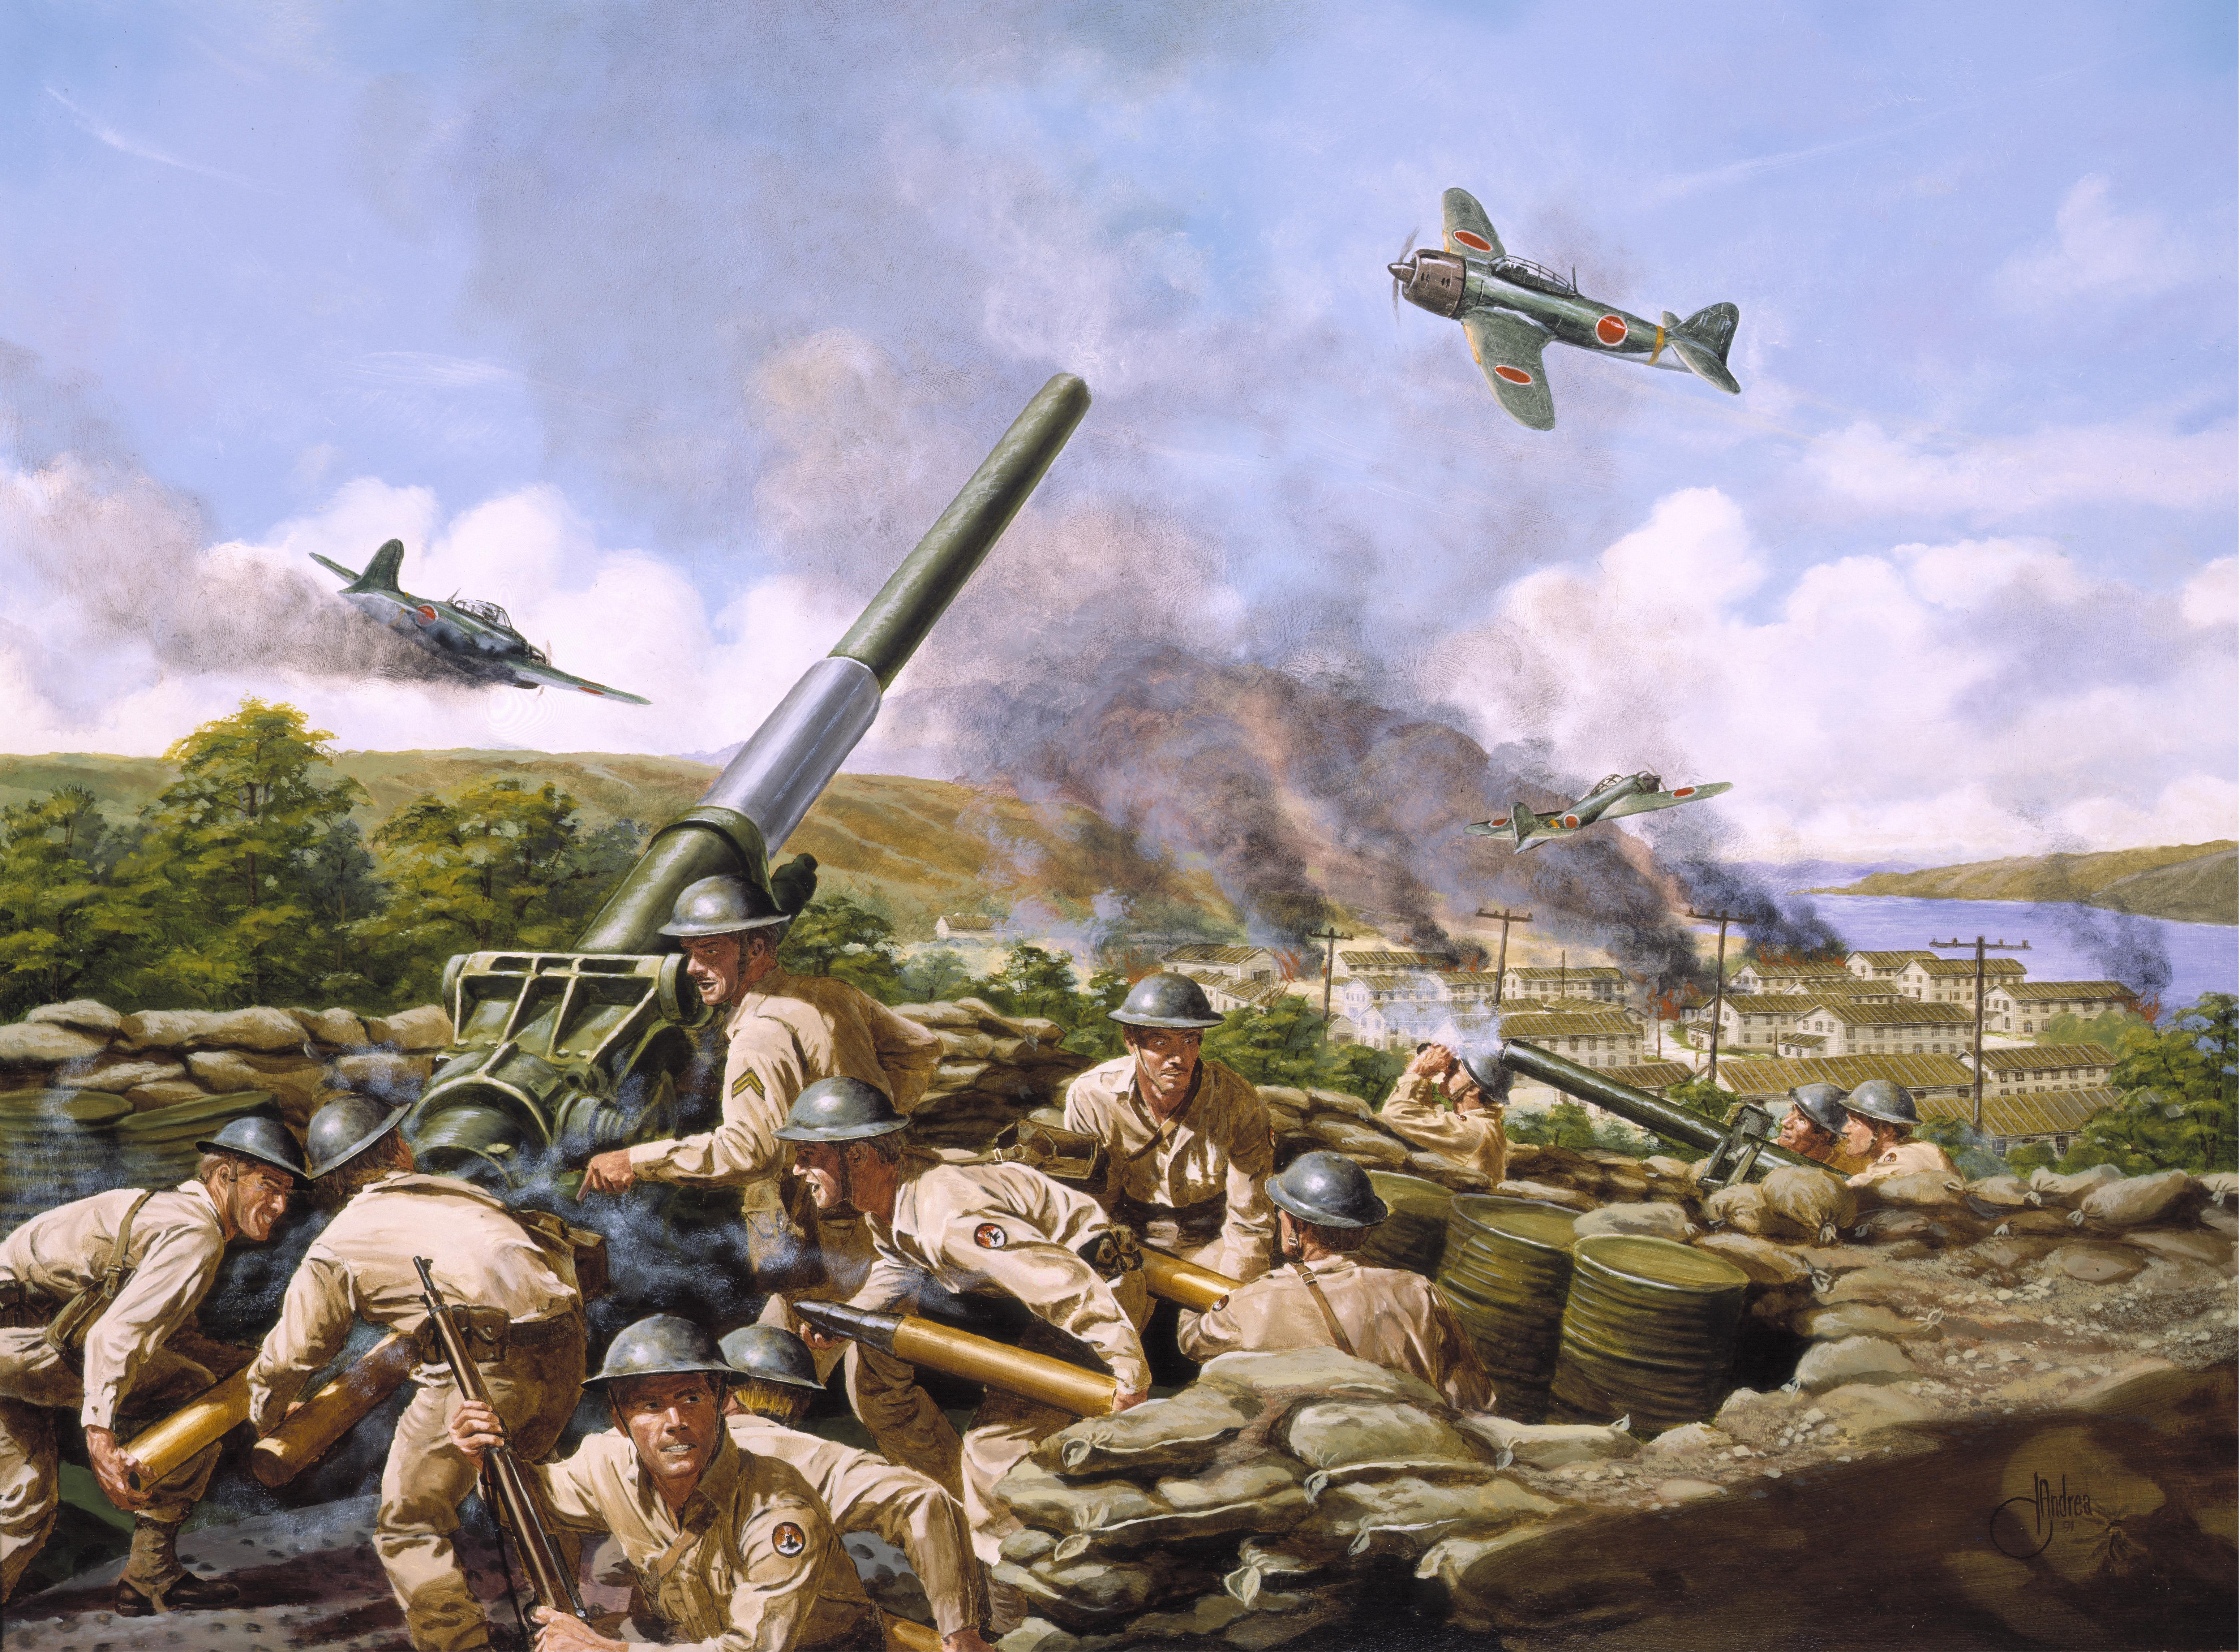 フリー写真素材 芸術 アート 絵画 版画 戦争 軍隊 ゼロ戦 零式艦上